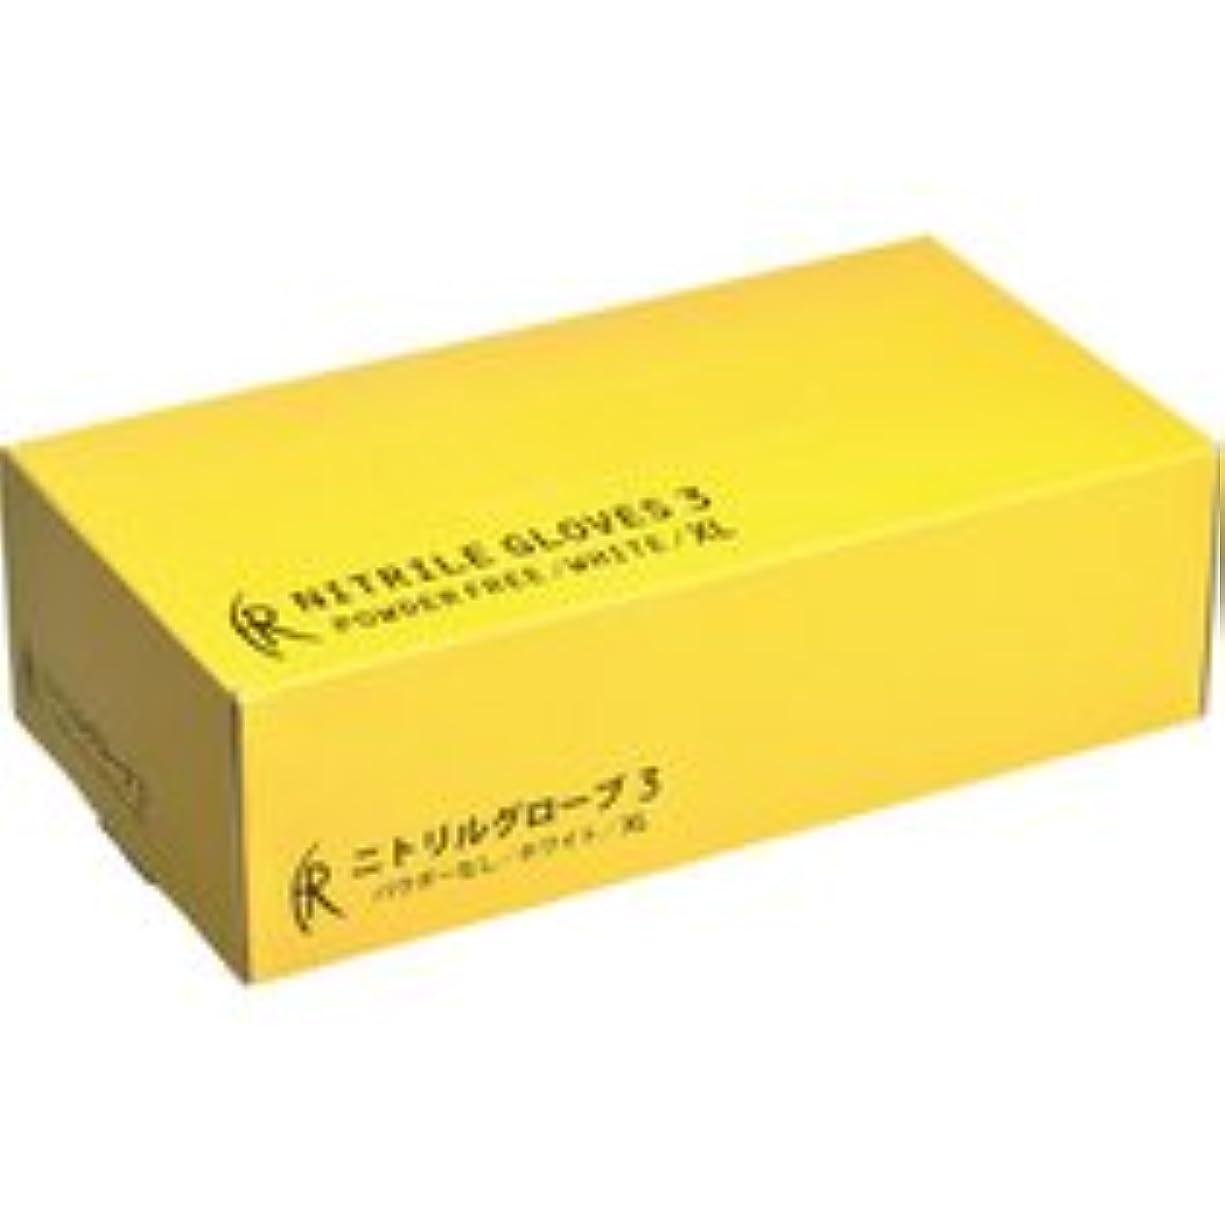 振り子ぜいたく中級ファーストレイト ニトリルグローブ3 パウダーフリー XL FR-5559 1セット(2000枚:200枚×10箱)